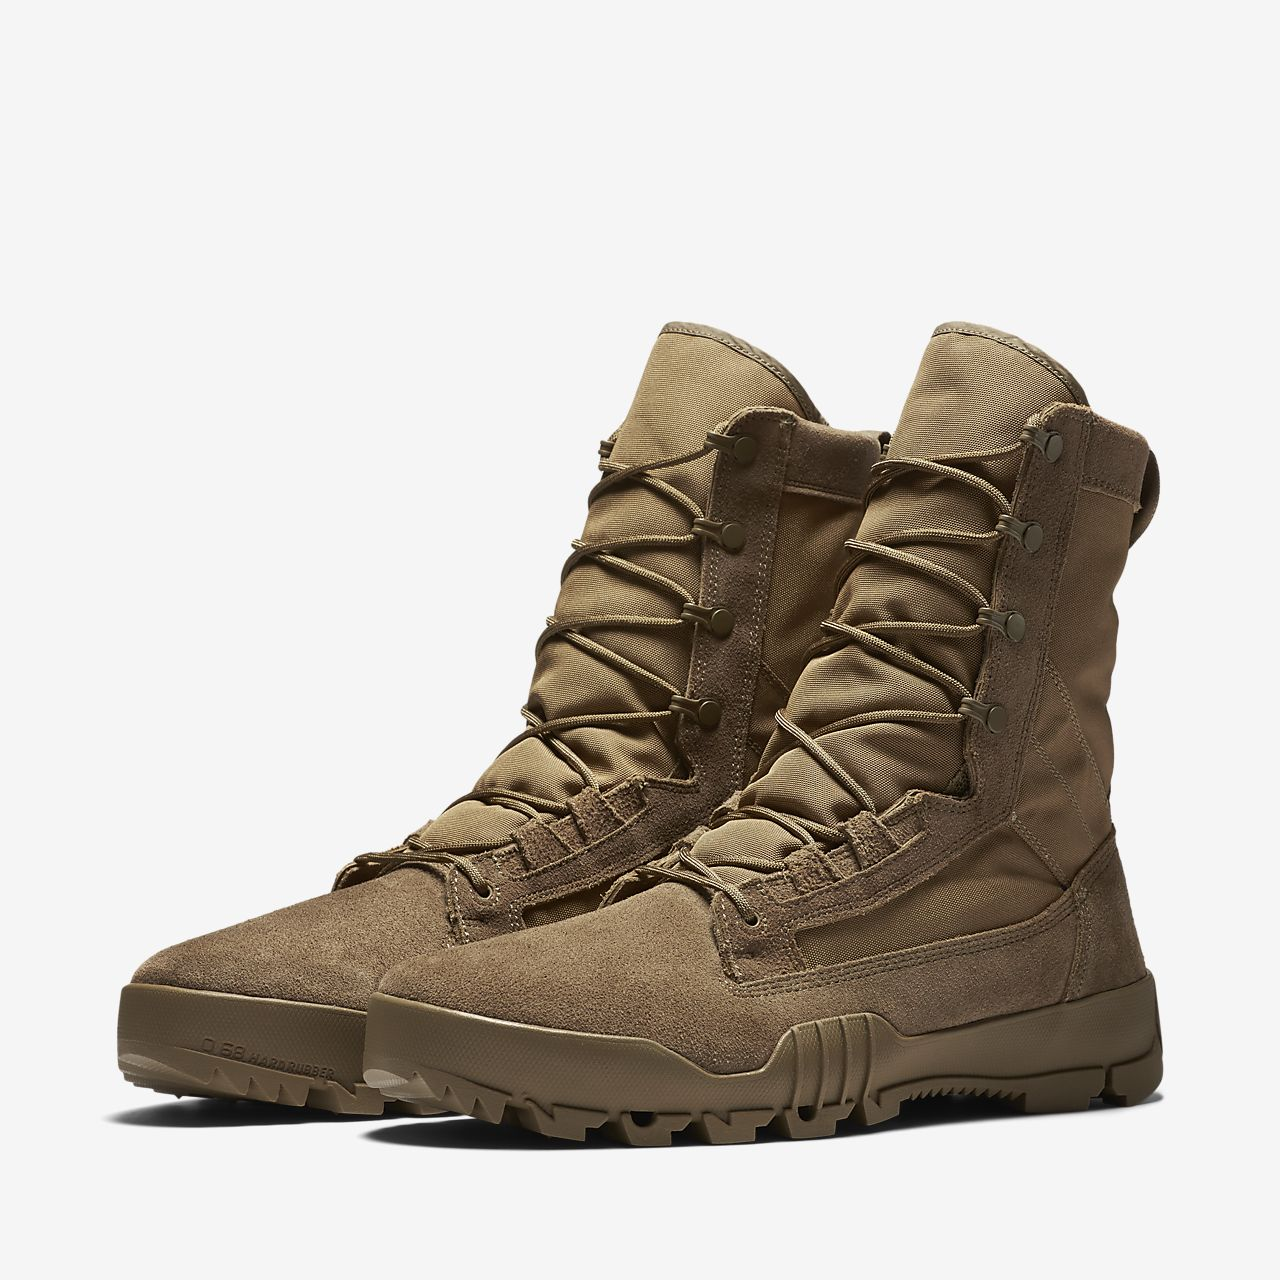 e72d68a610a Nike SFB Jungle 8